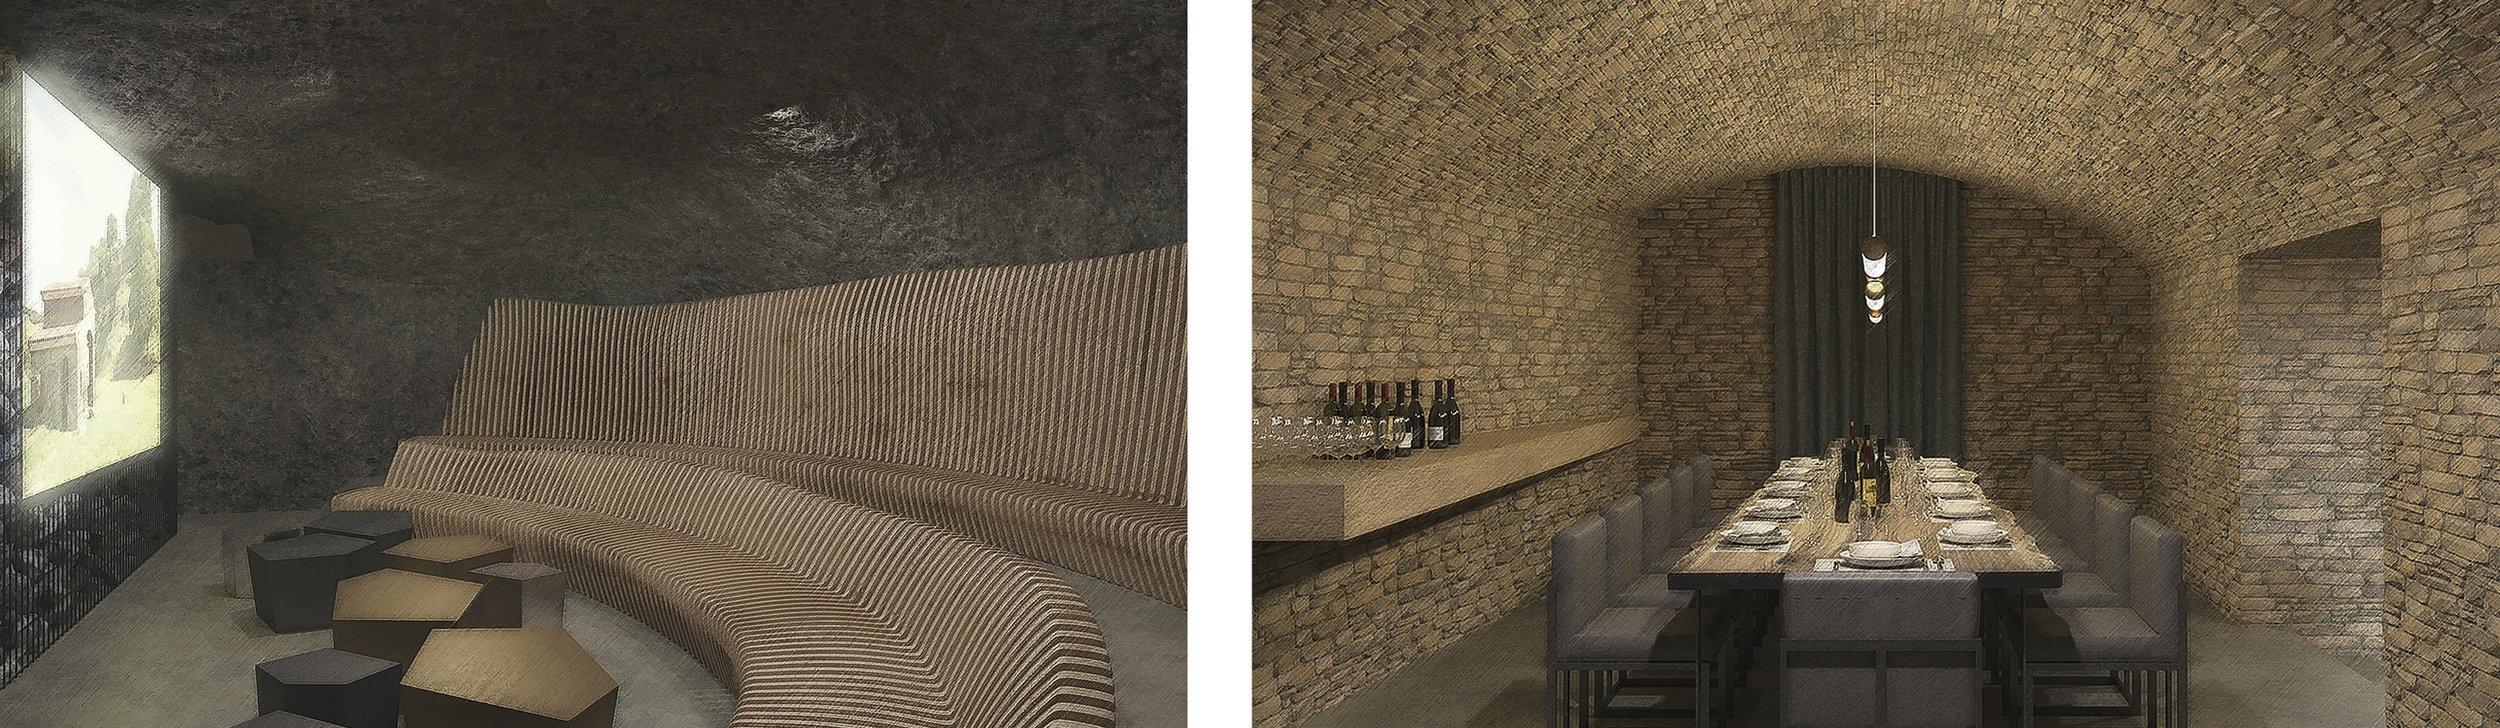 WineryBasementWEB.jpg